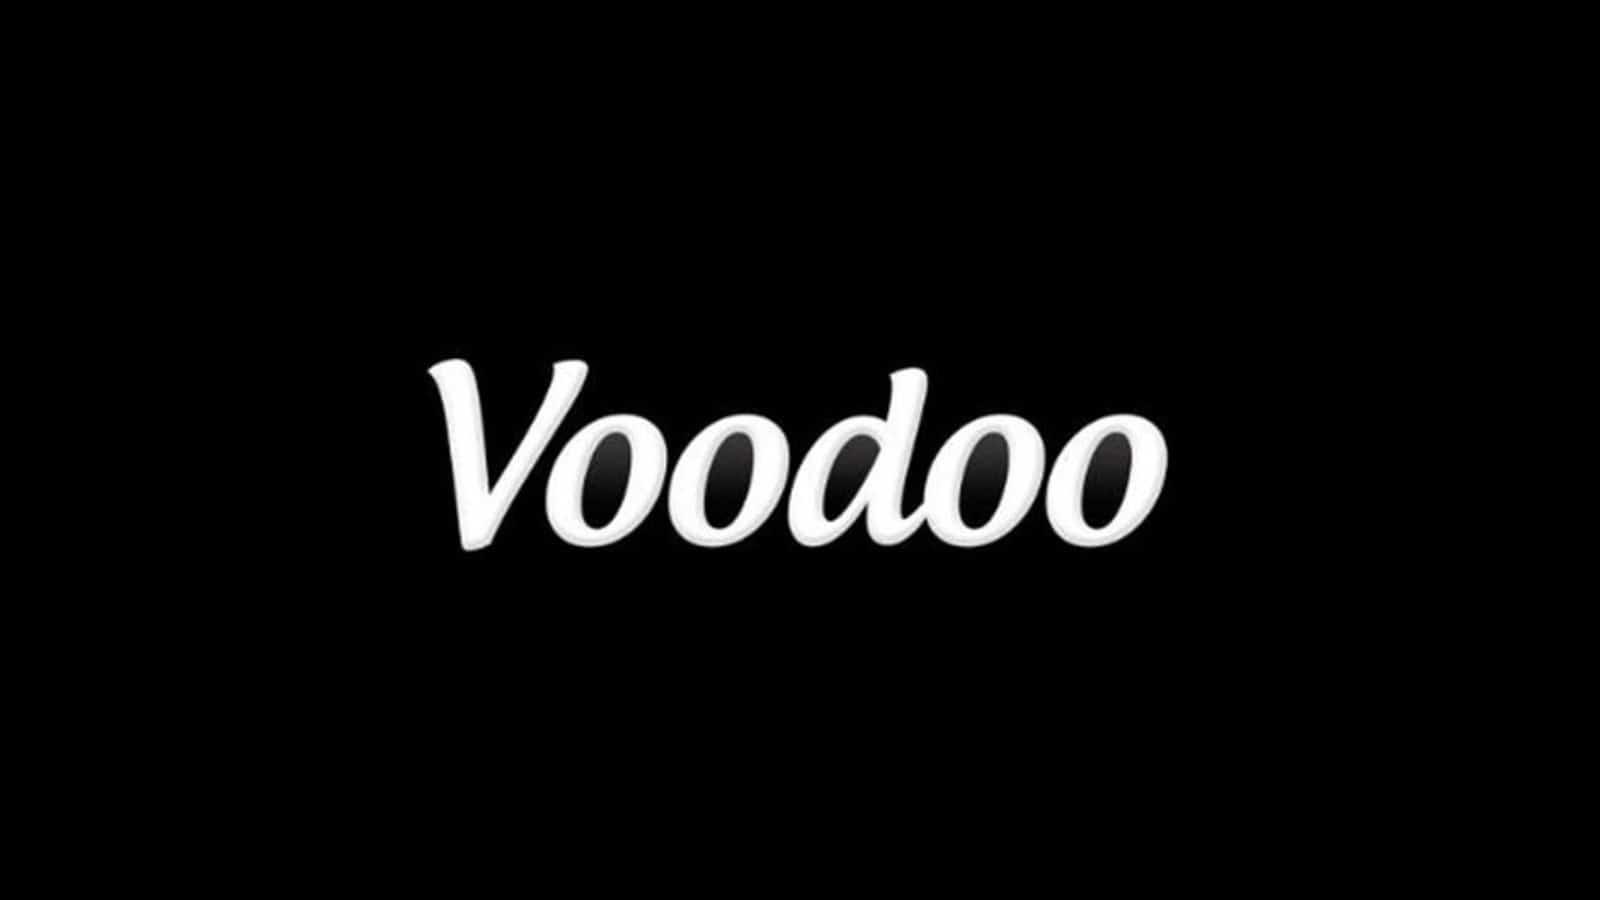 L'éditeur français Voodoo acquiert le studio Beach Bum.